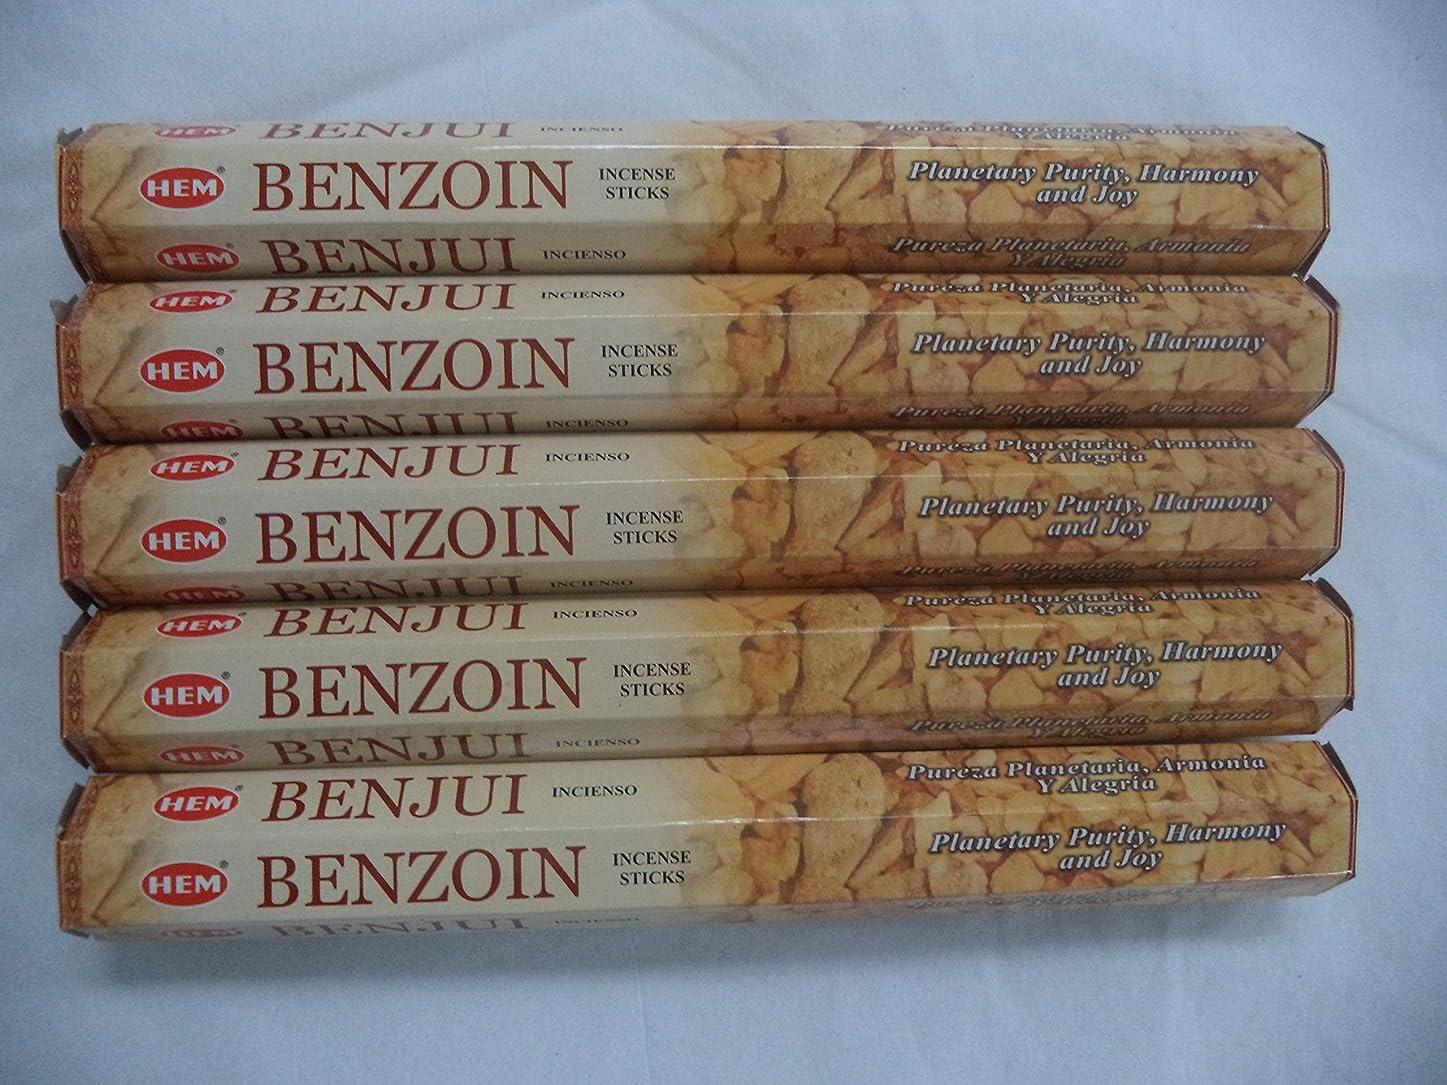 細心のモンク純粋なHemベンゾイン100?Incense Sticks (5?x 20スティックパック)